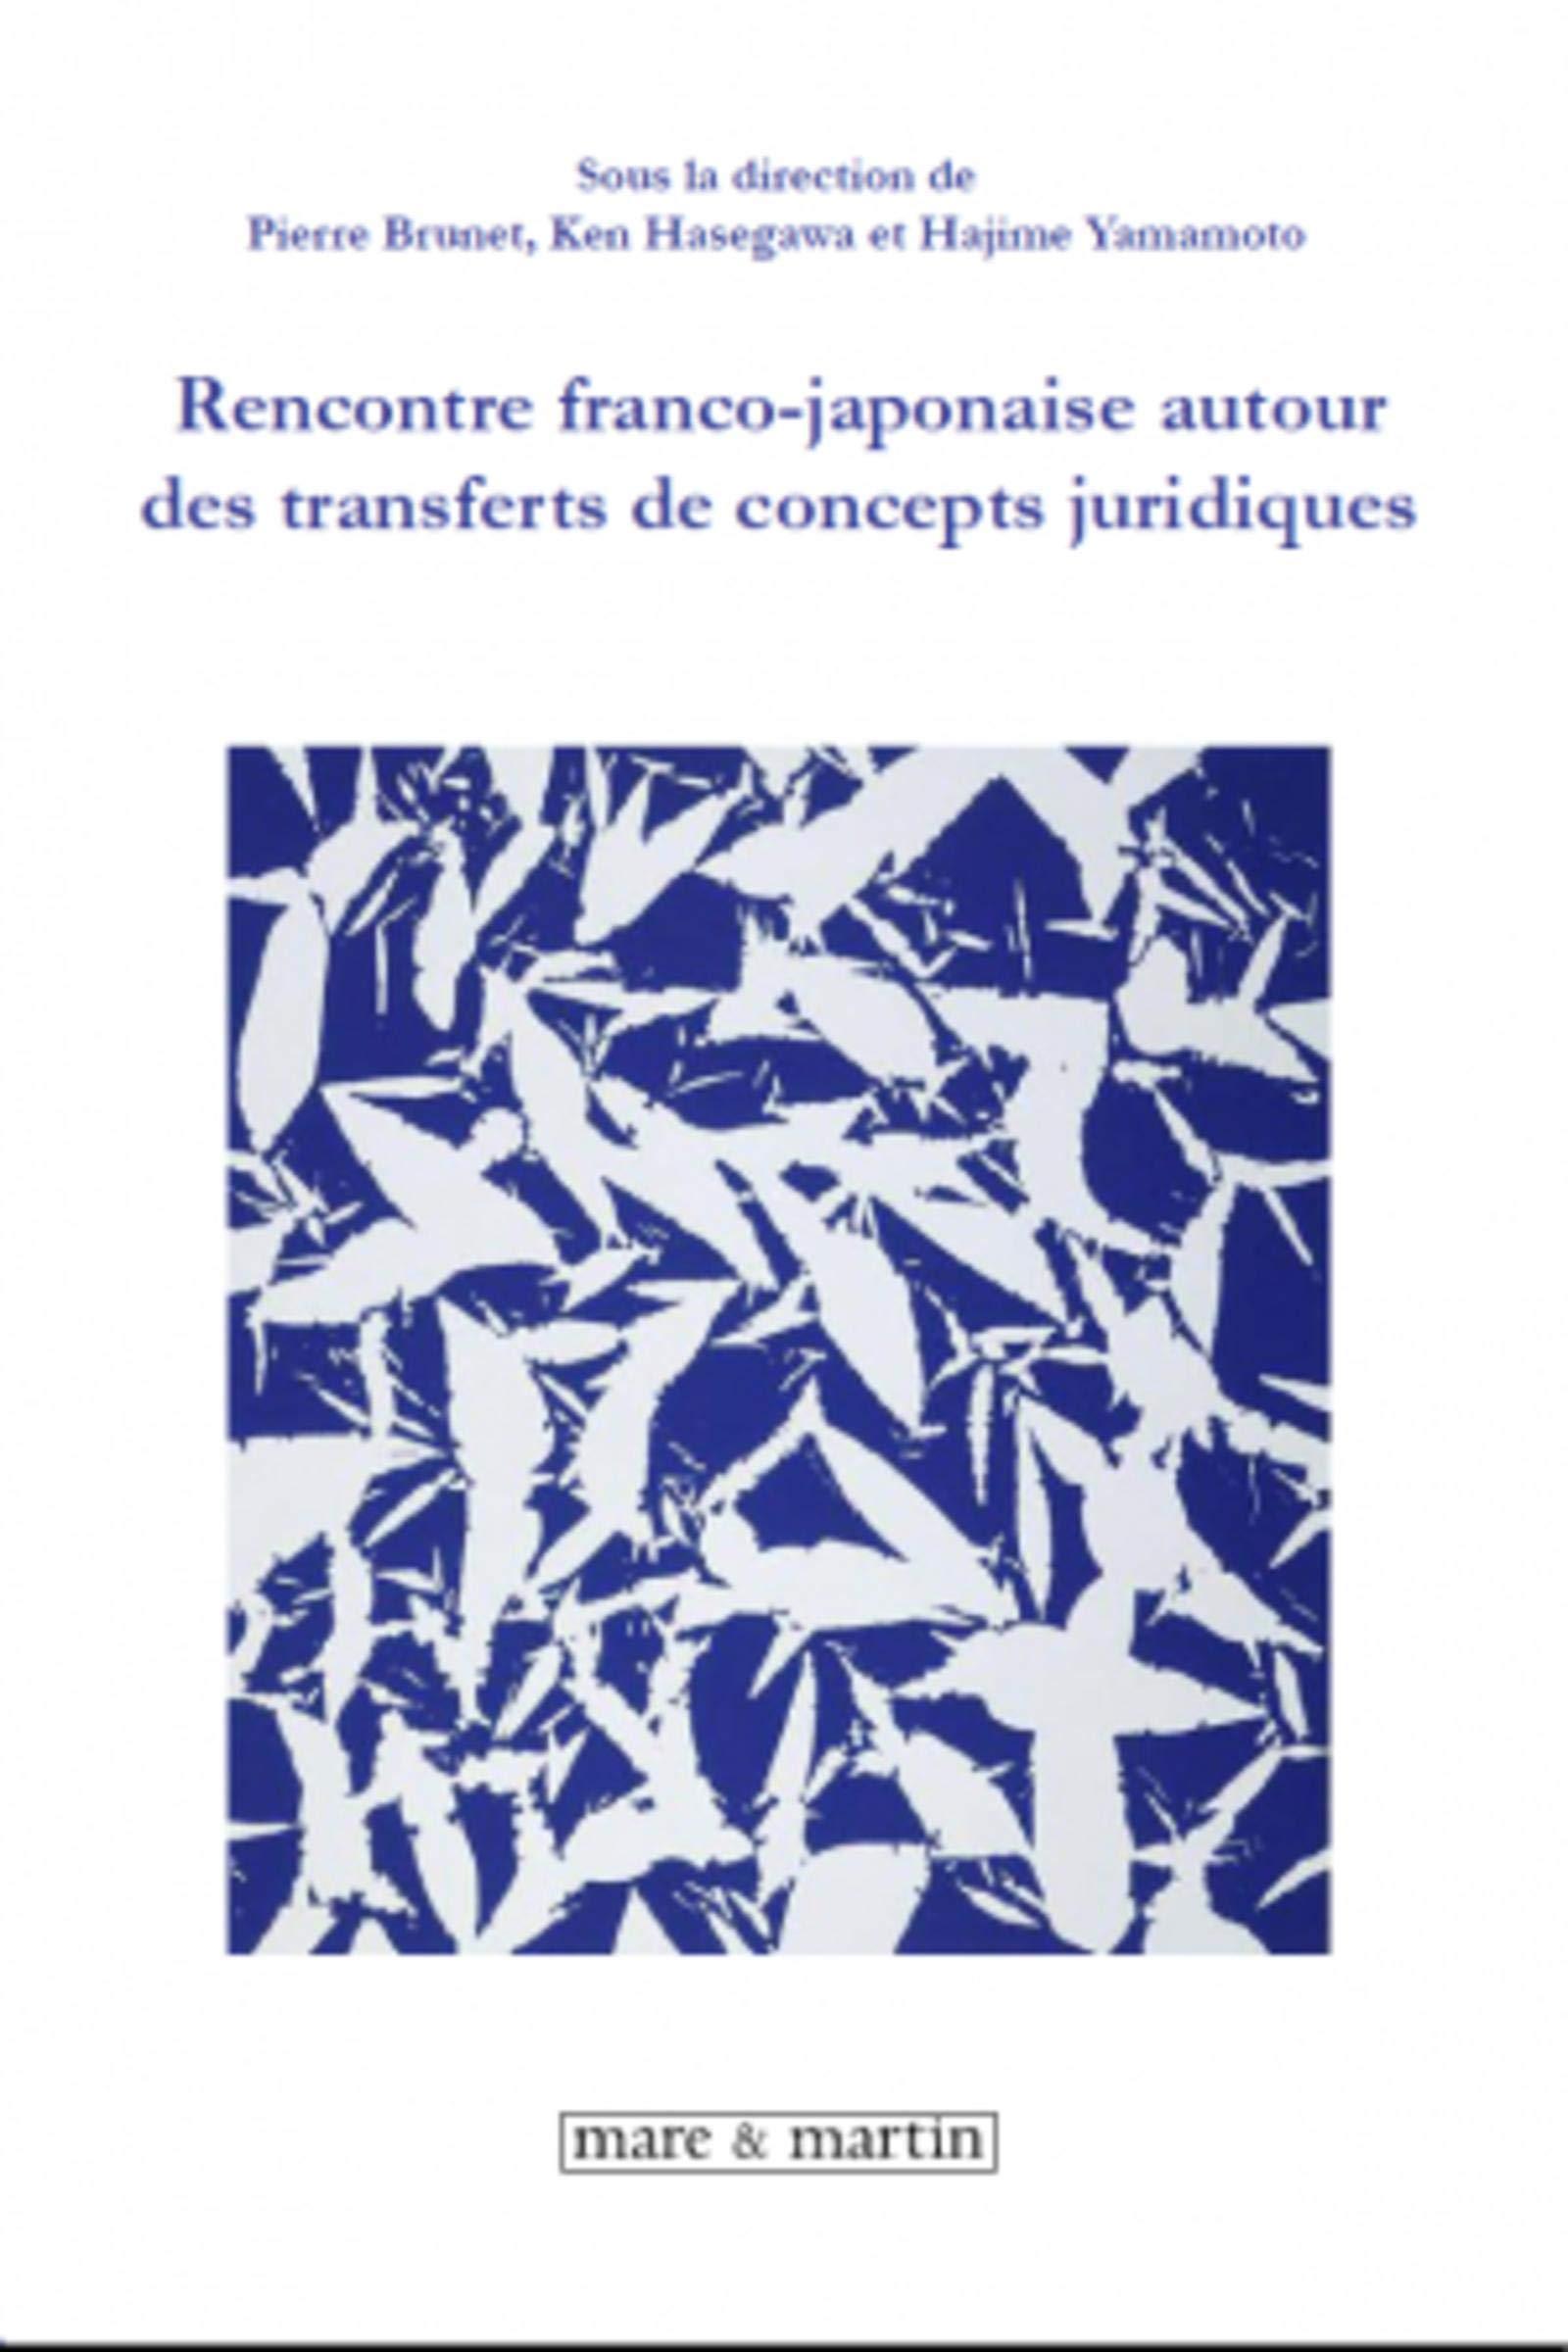 Discussions « franco-japonaises » – Association Jeunesse France Japon